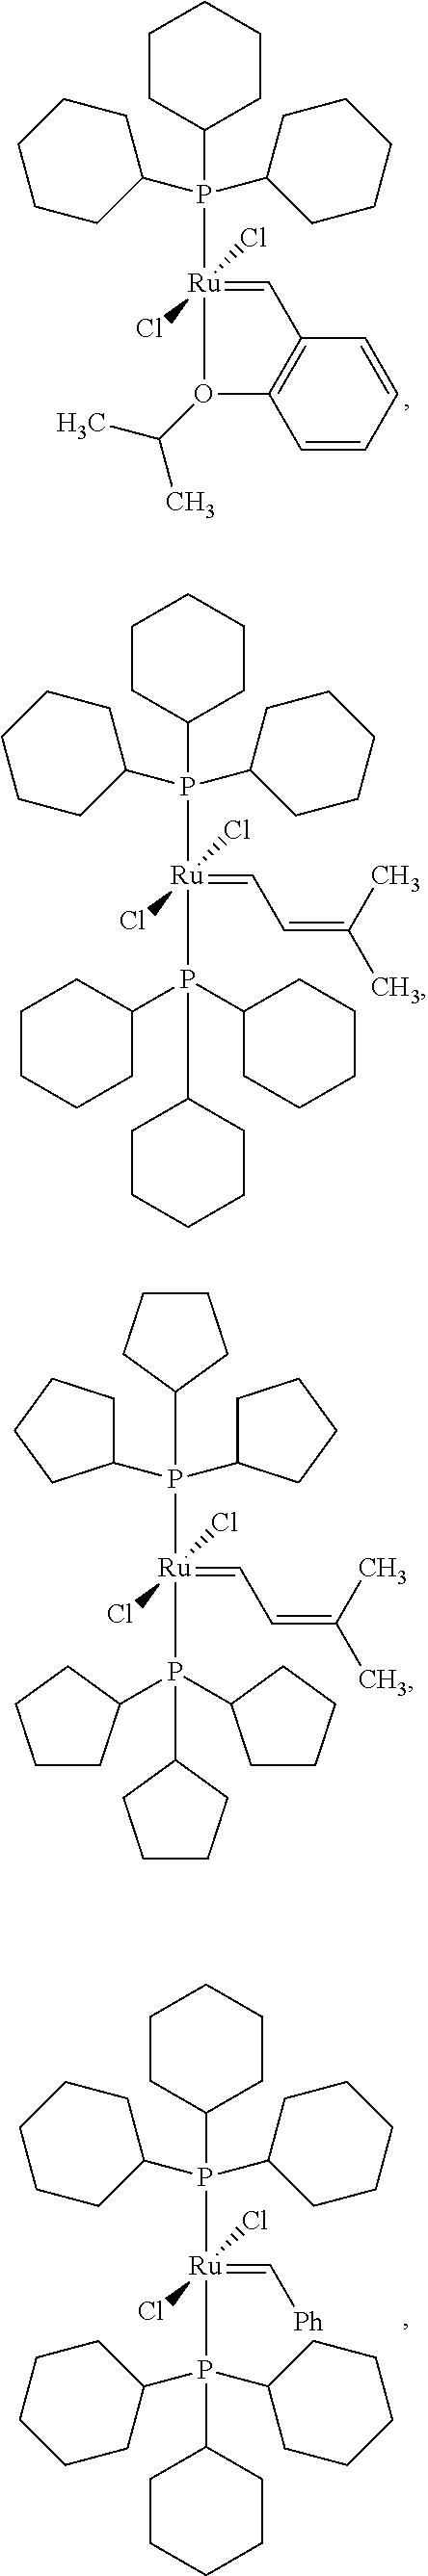 Figure US09592476-20170314-C00014